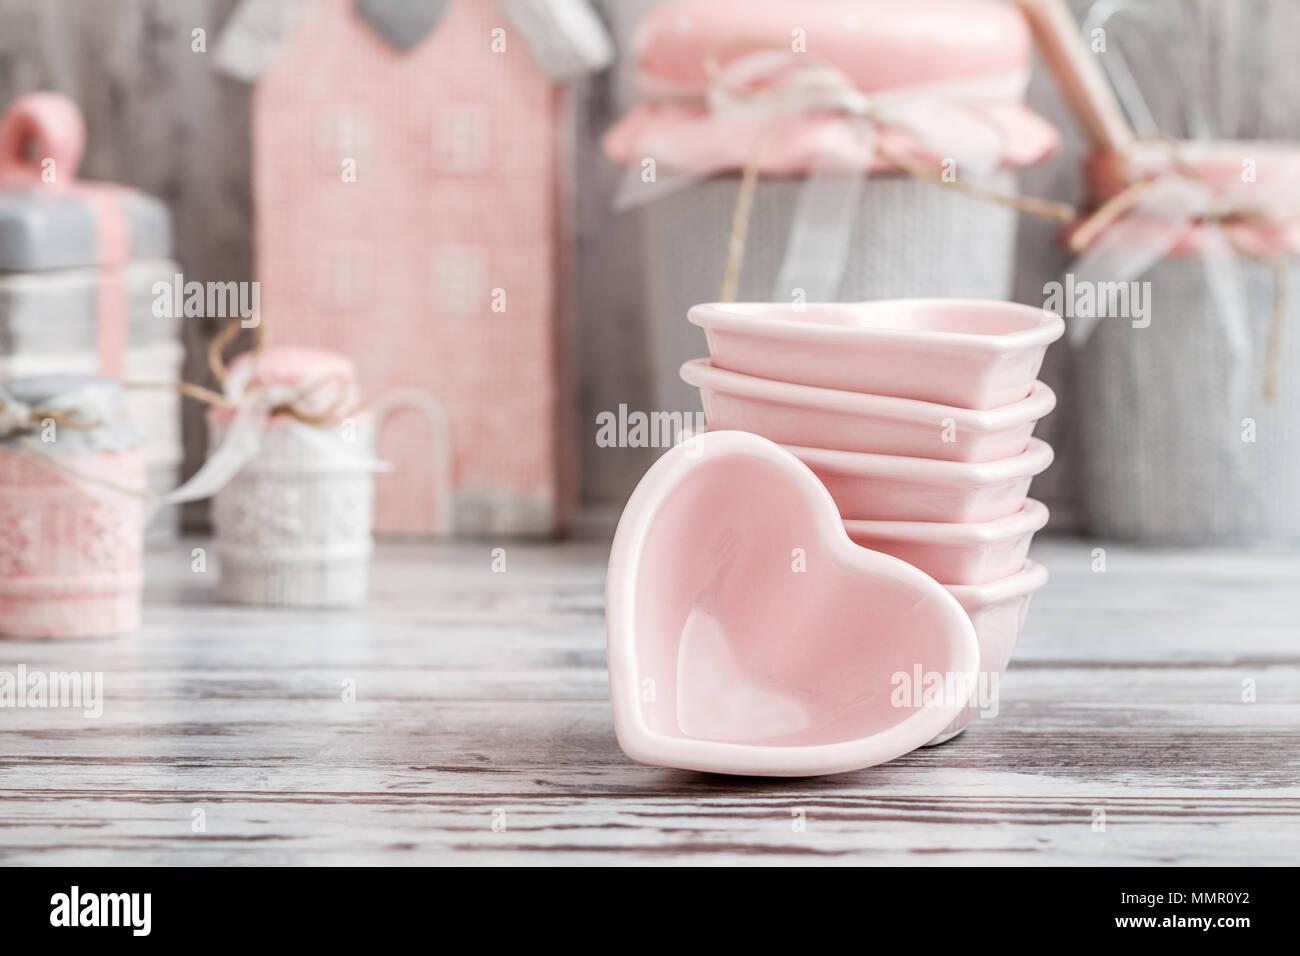 Pinke Kuchenutensilien Ausgefallene Gartendeko Selber Machen Aus